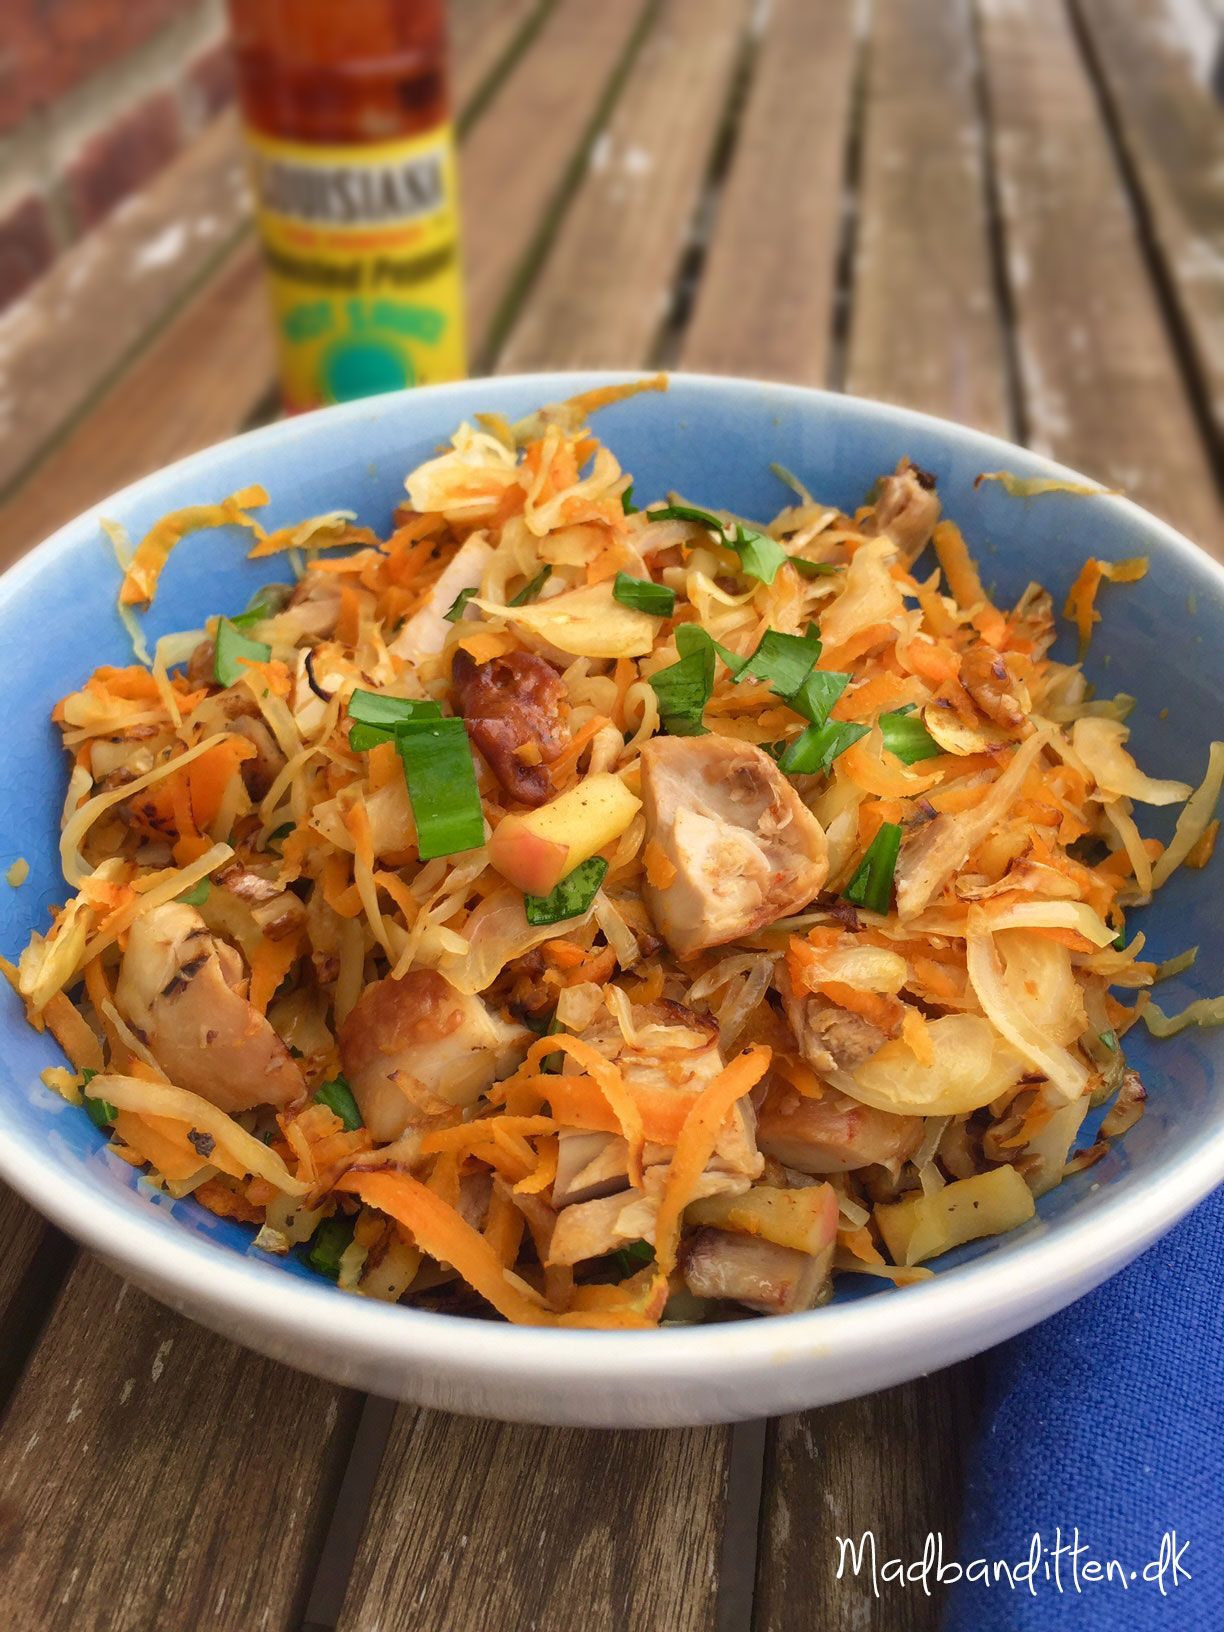 Stegt Råkost Med Kylling Og Ramsløg Opskrift Aftensmad Food